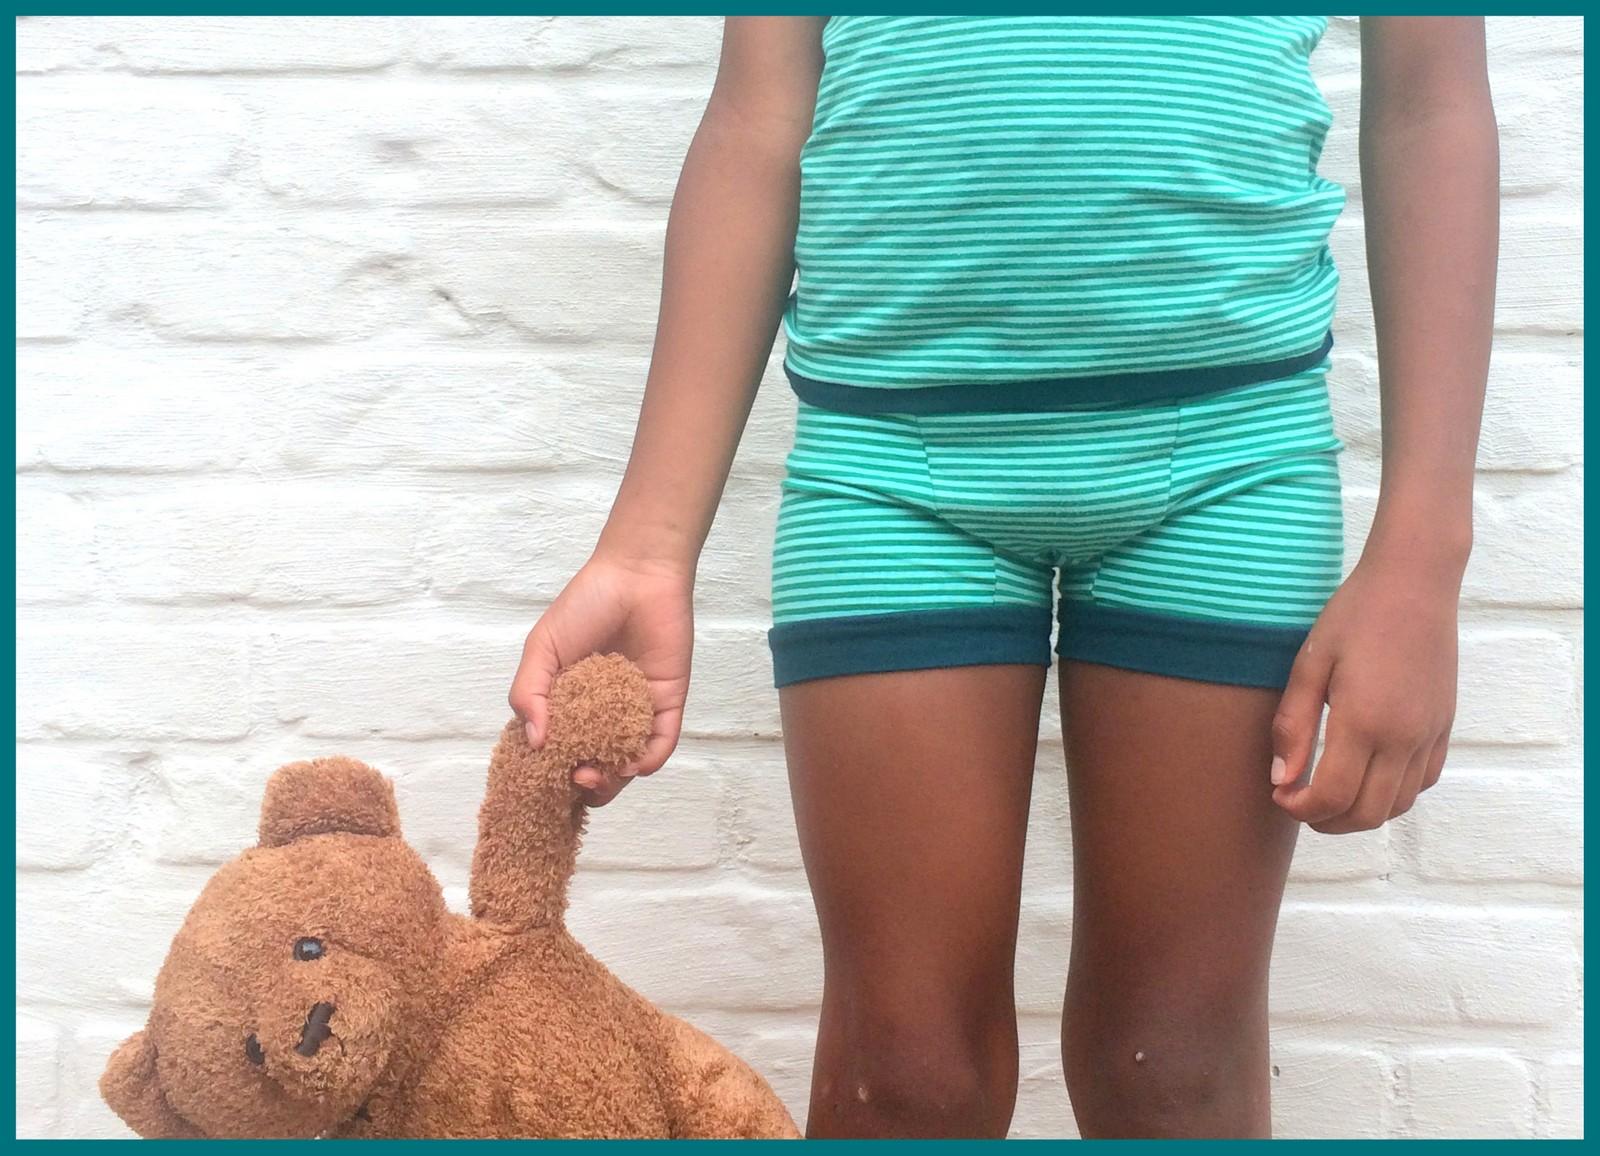 Van Katoen ondergoed 1